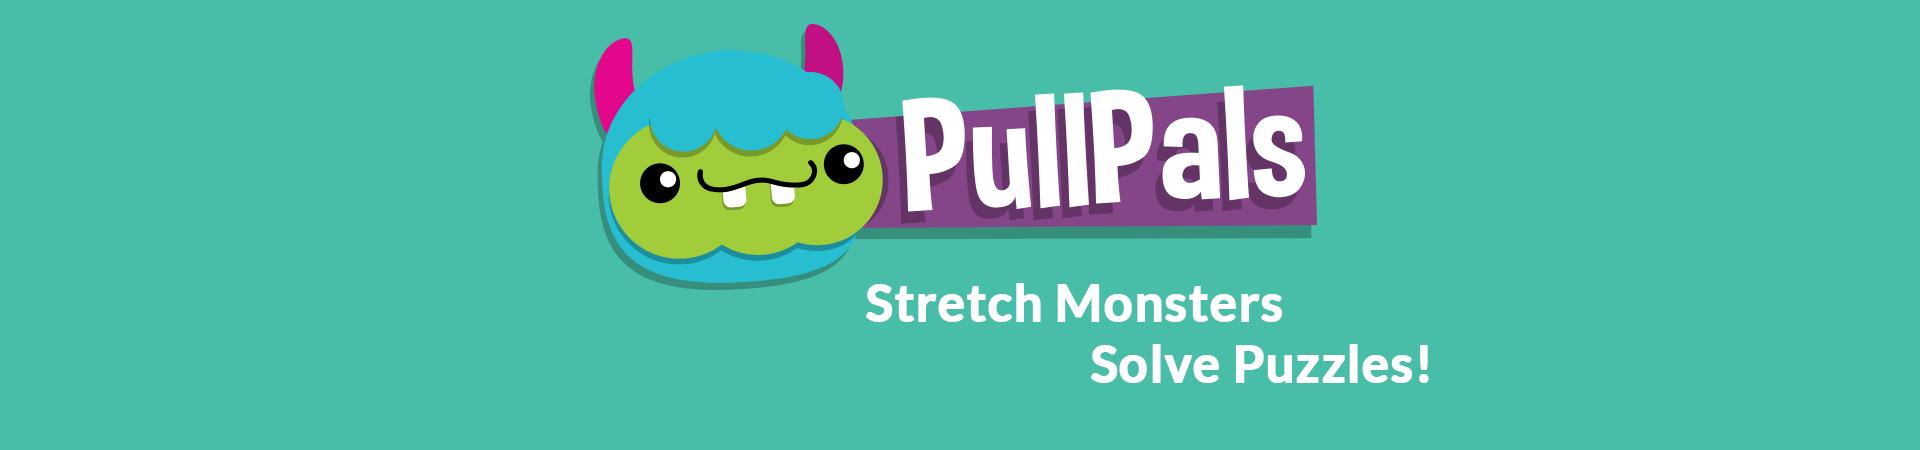 PullPals Demo